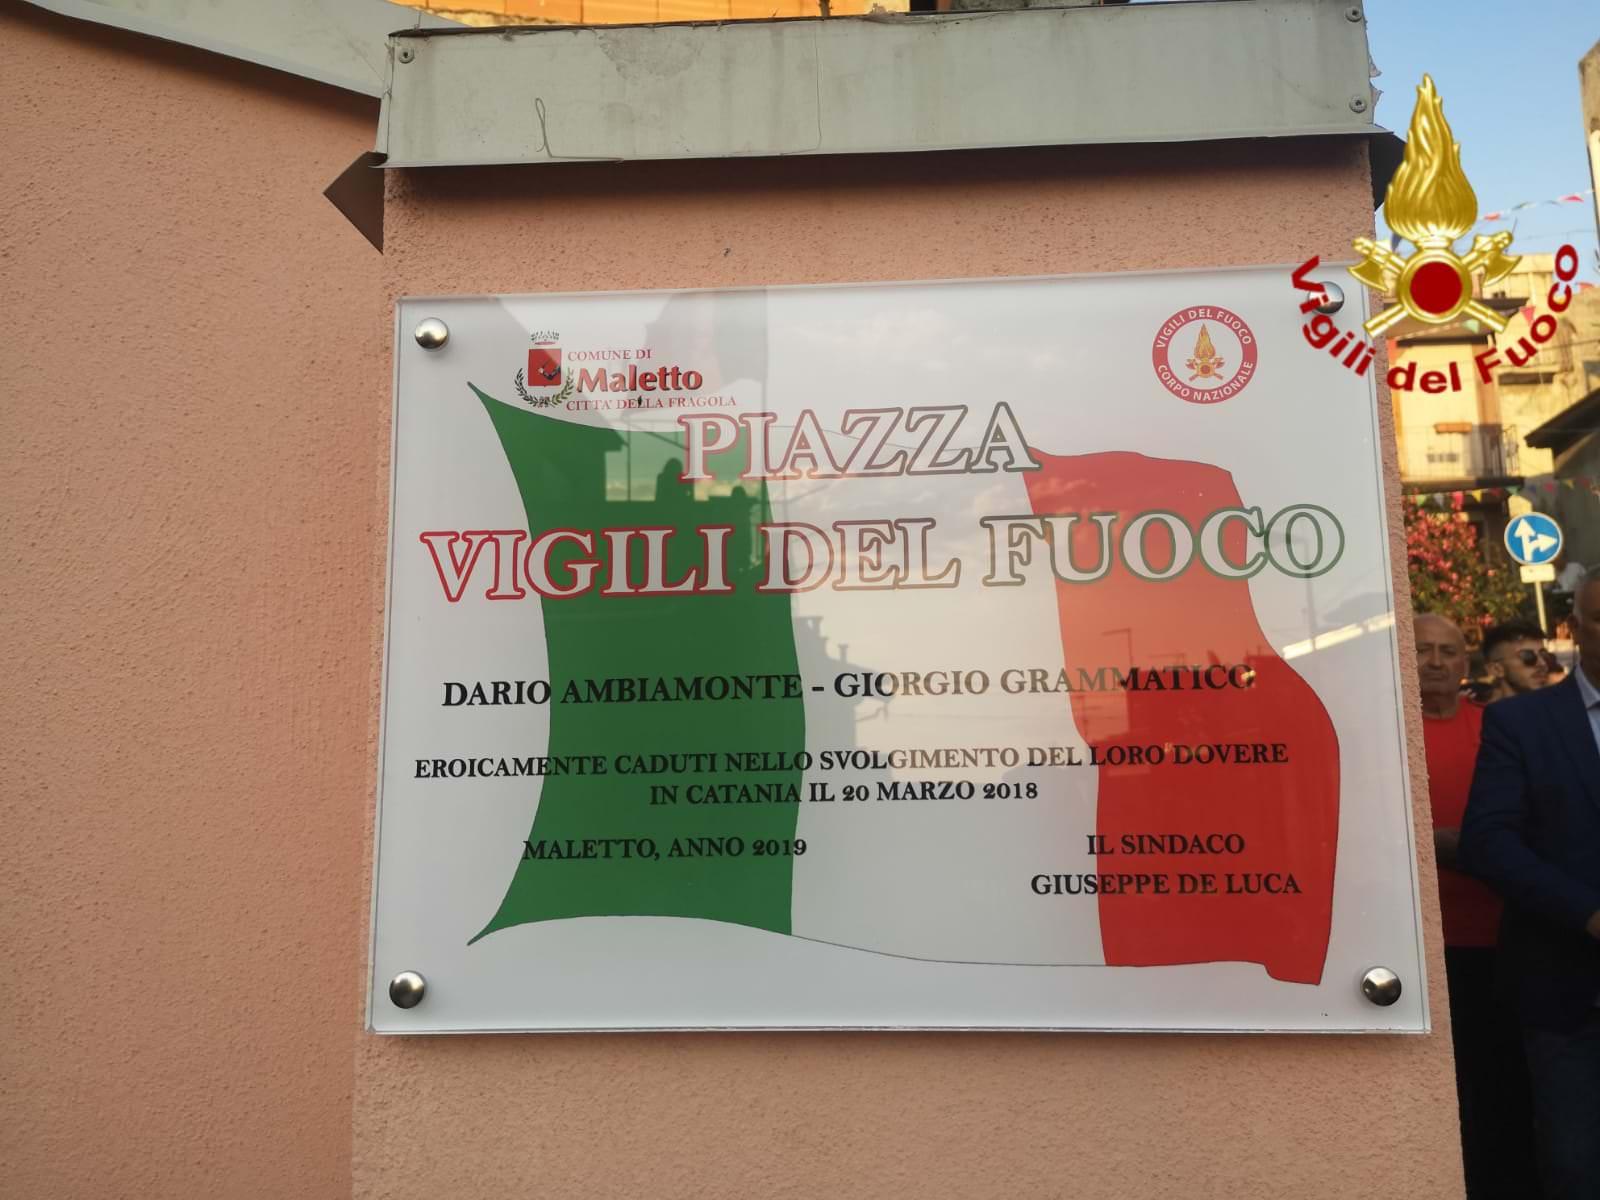 Tragedia di via Garibaldi, intitolata piazza ai vigili del fuoco Dario Ambiamonte e Giorgio Grammatico – VIDEO e FOTO